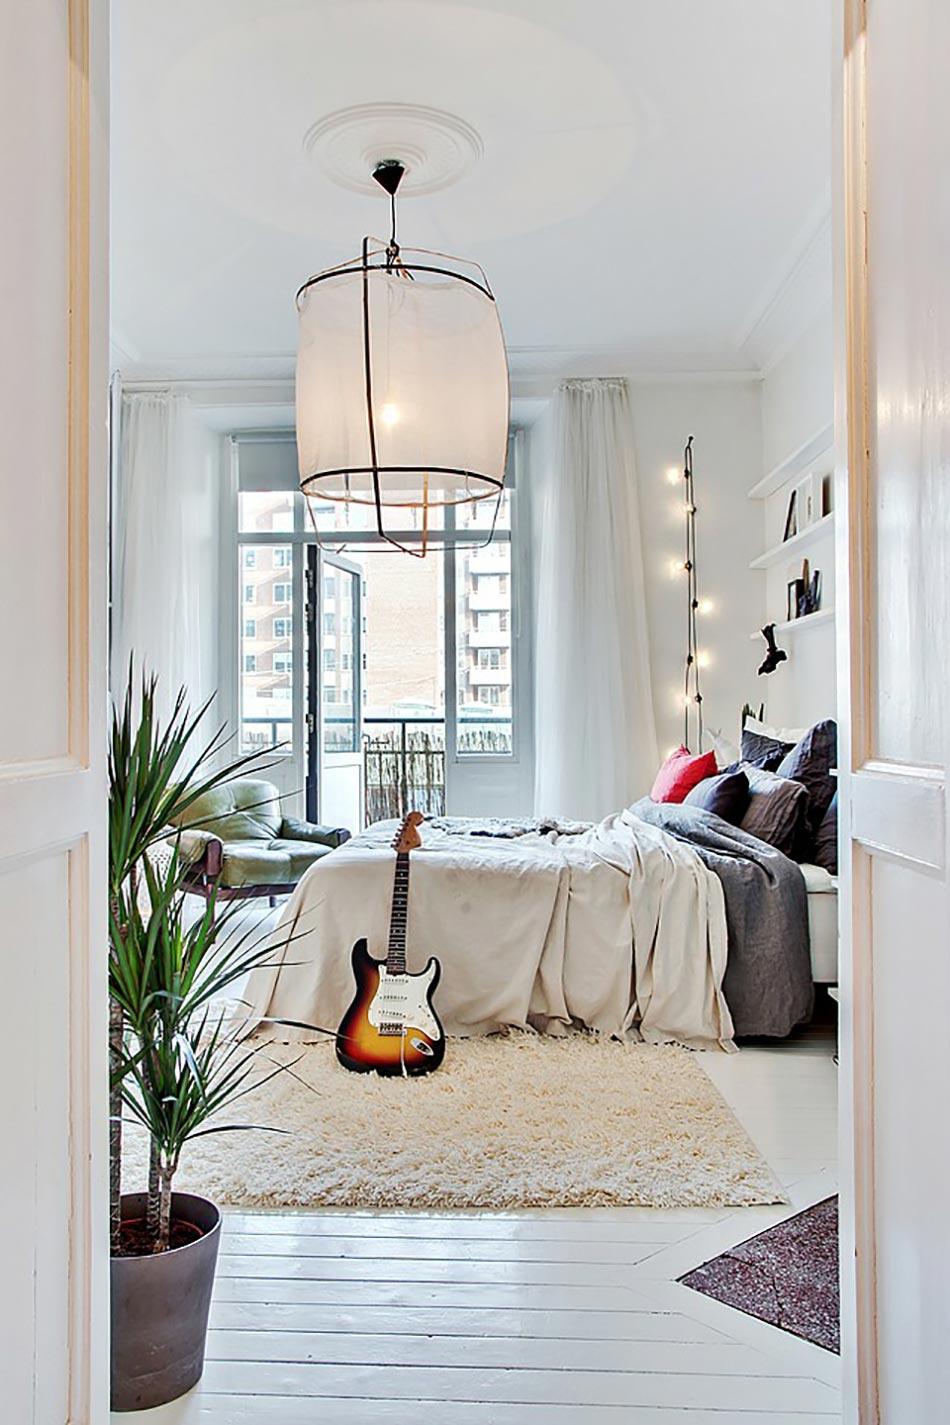 Une d coration d int rieur inspir e par la musique - Decoration interieure chambre a coucher ...